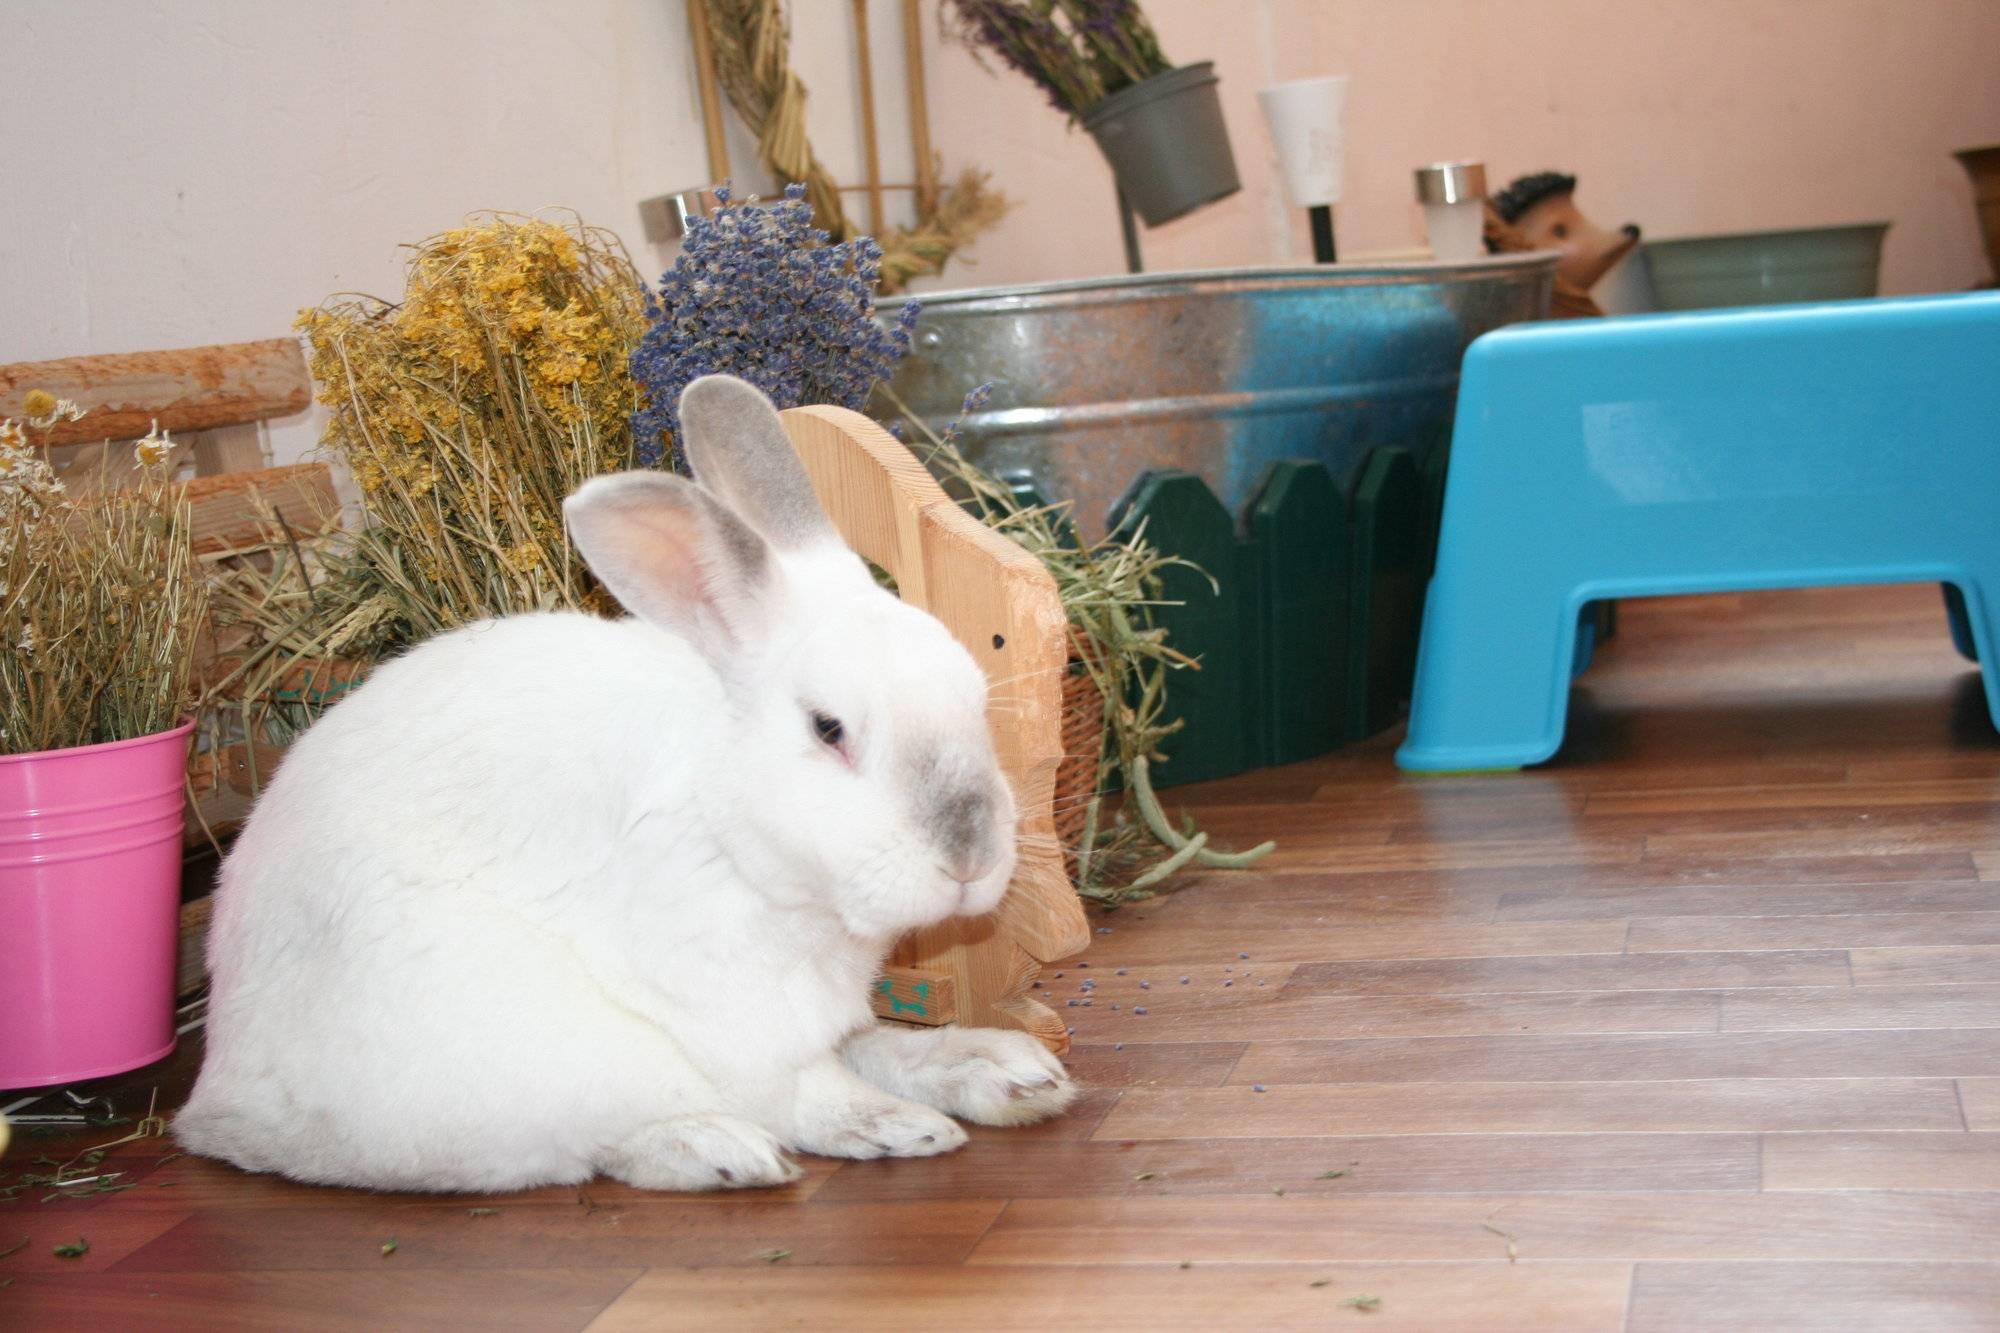 Декоративный кролик в домашних условиях - содержание, кормление, болезни